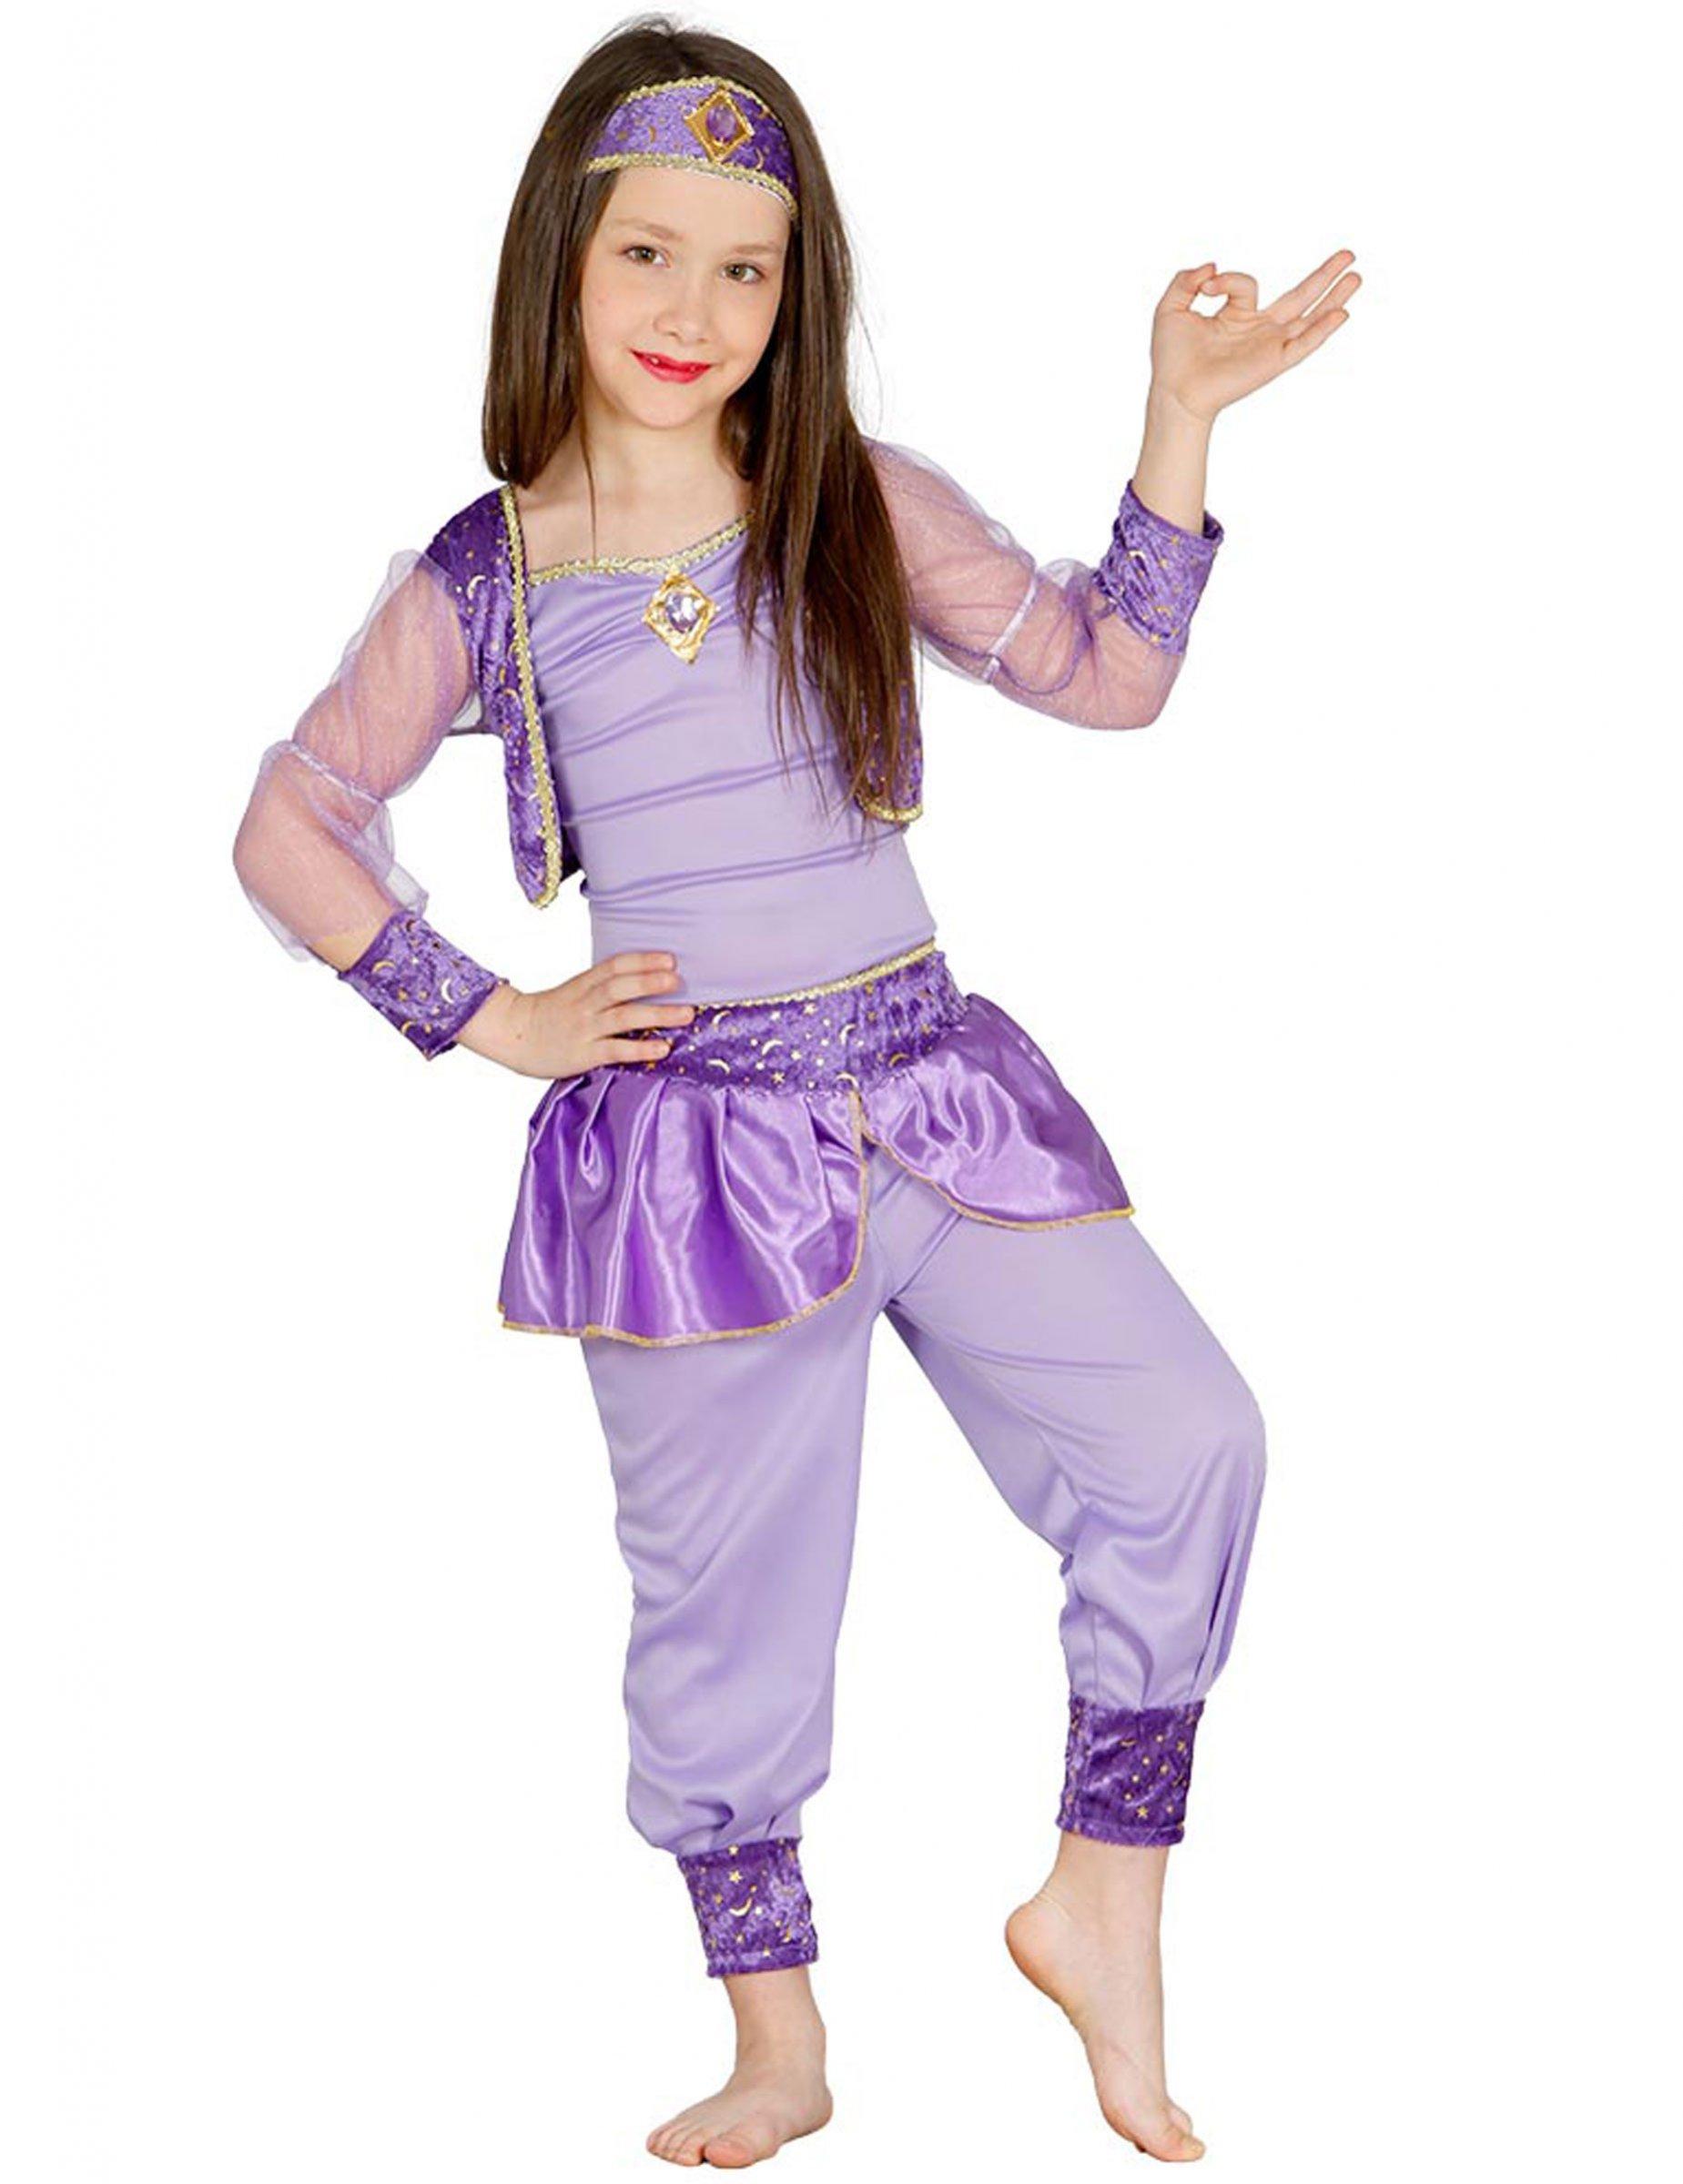 Orientalisches Tanzerinnen Kostum Fur Kinder Flieder Lila Gunstige